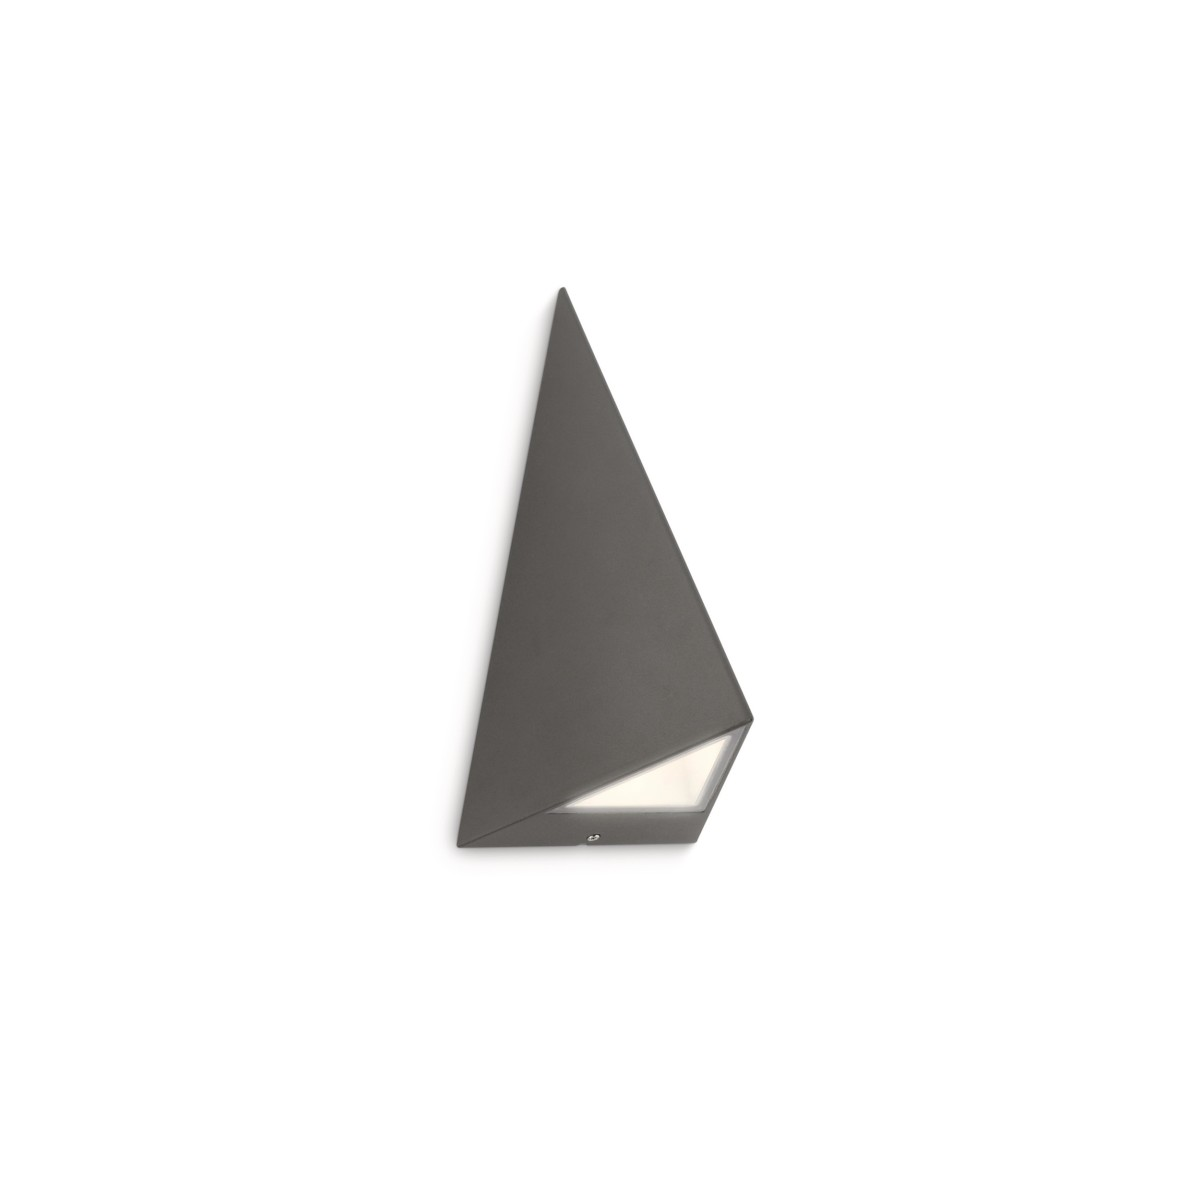 Philips Ledino Applique Murale Extérieur Moderne Lampe LED 172479316